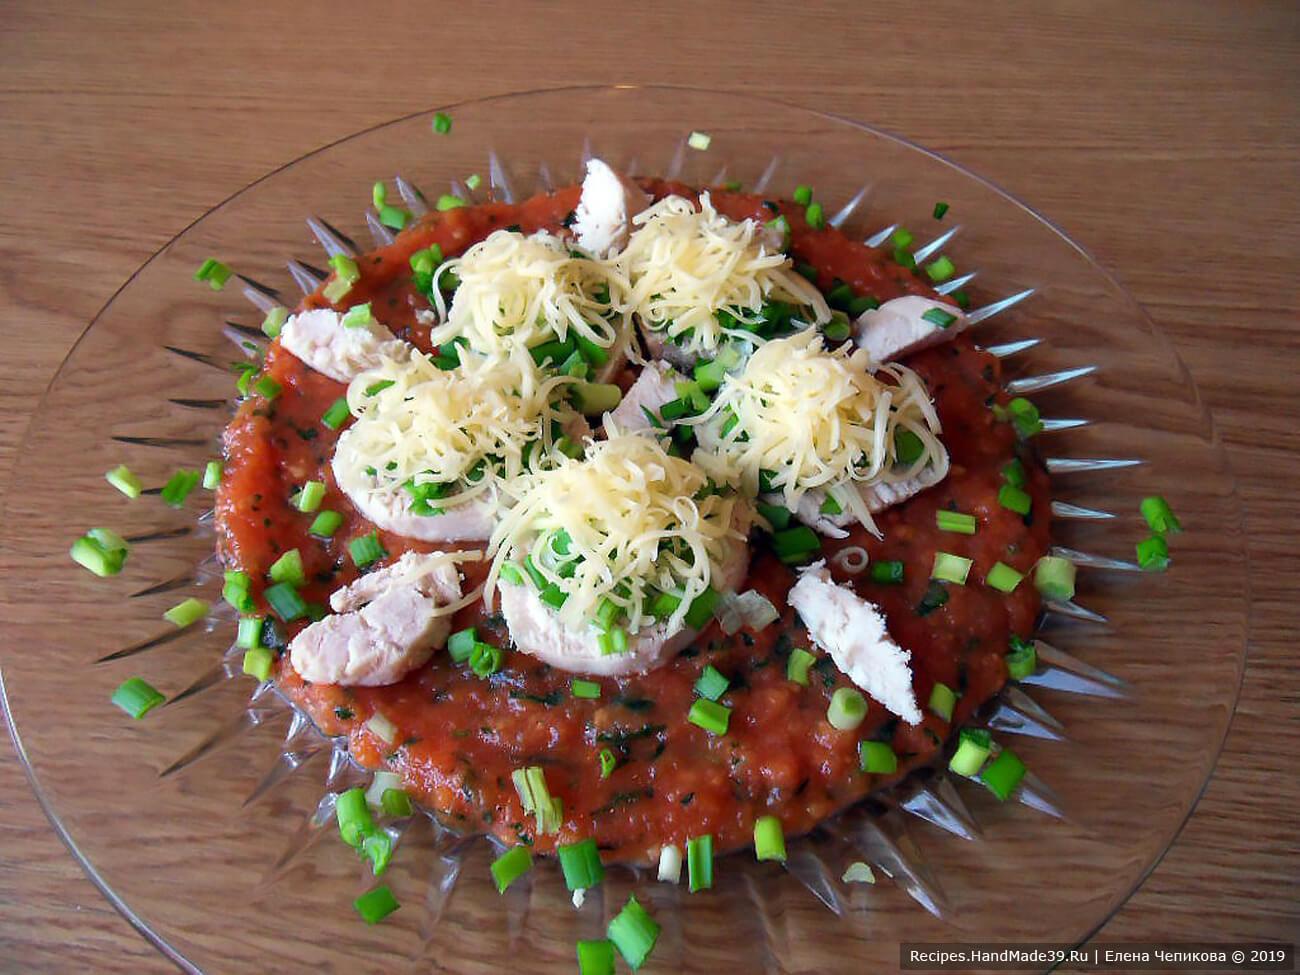 Шведский салат с курицей и сыром на томатной подушке готов! Приятного аппетита!